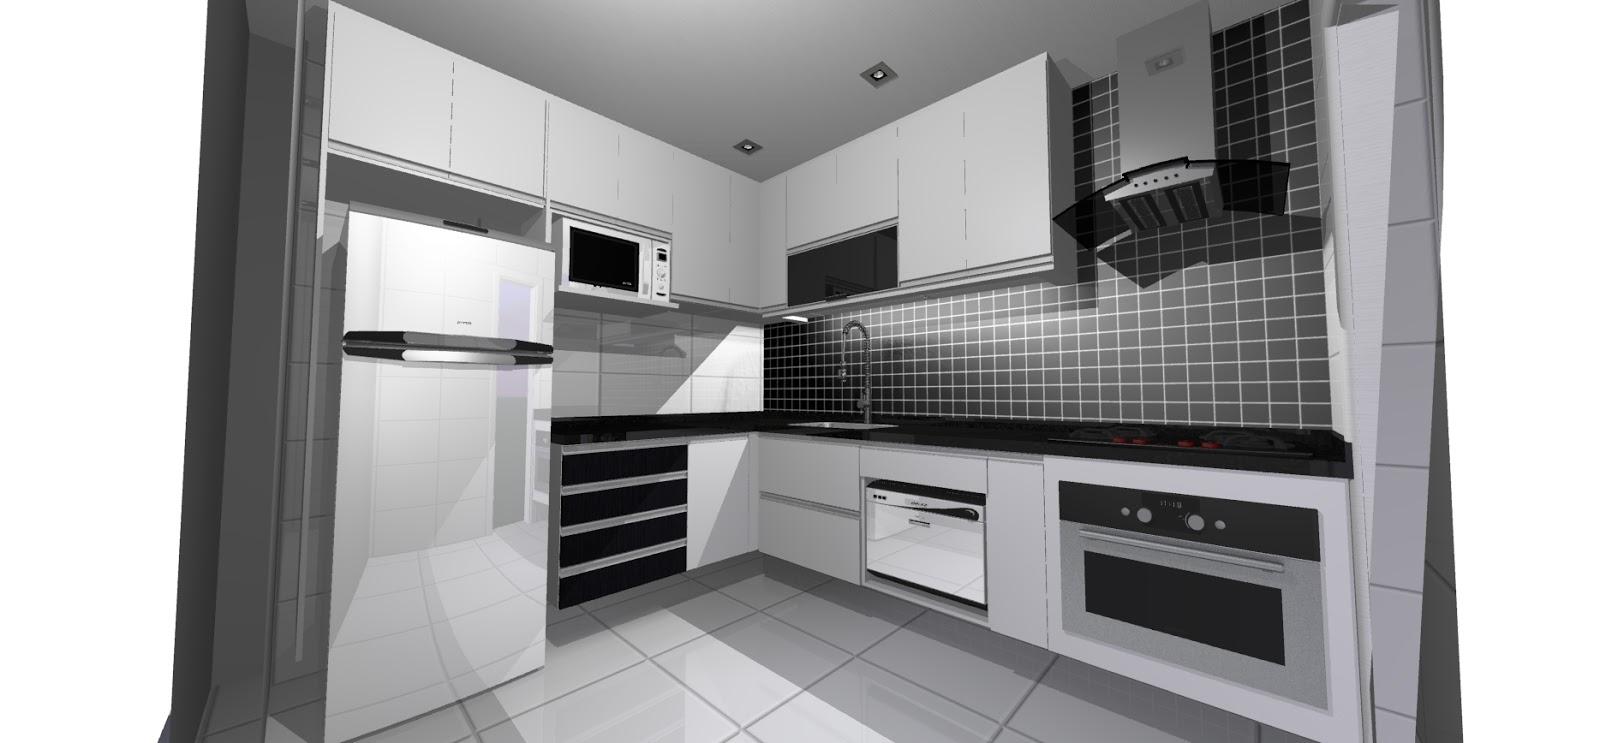 Cozinha Planejada Com Janela Acima Da Pia Oppenau Info